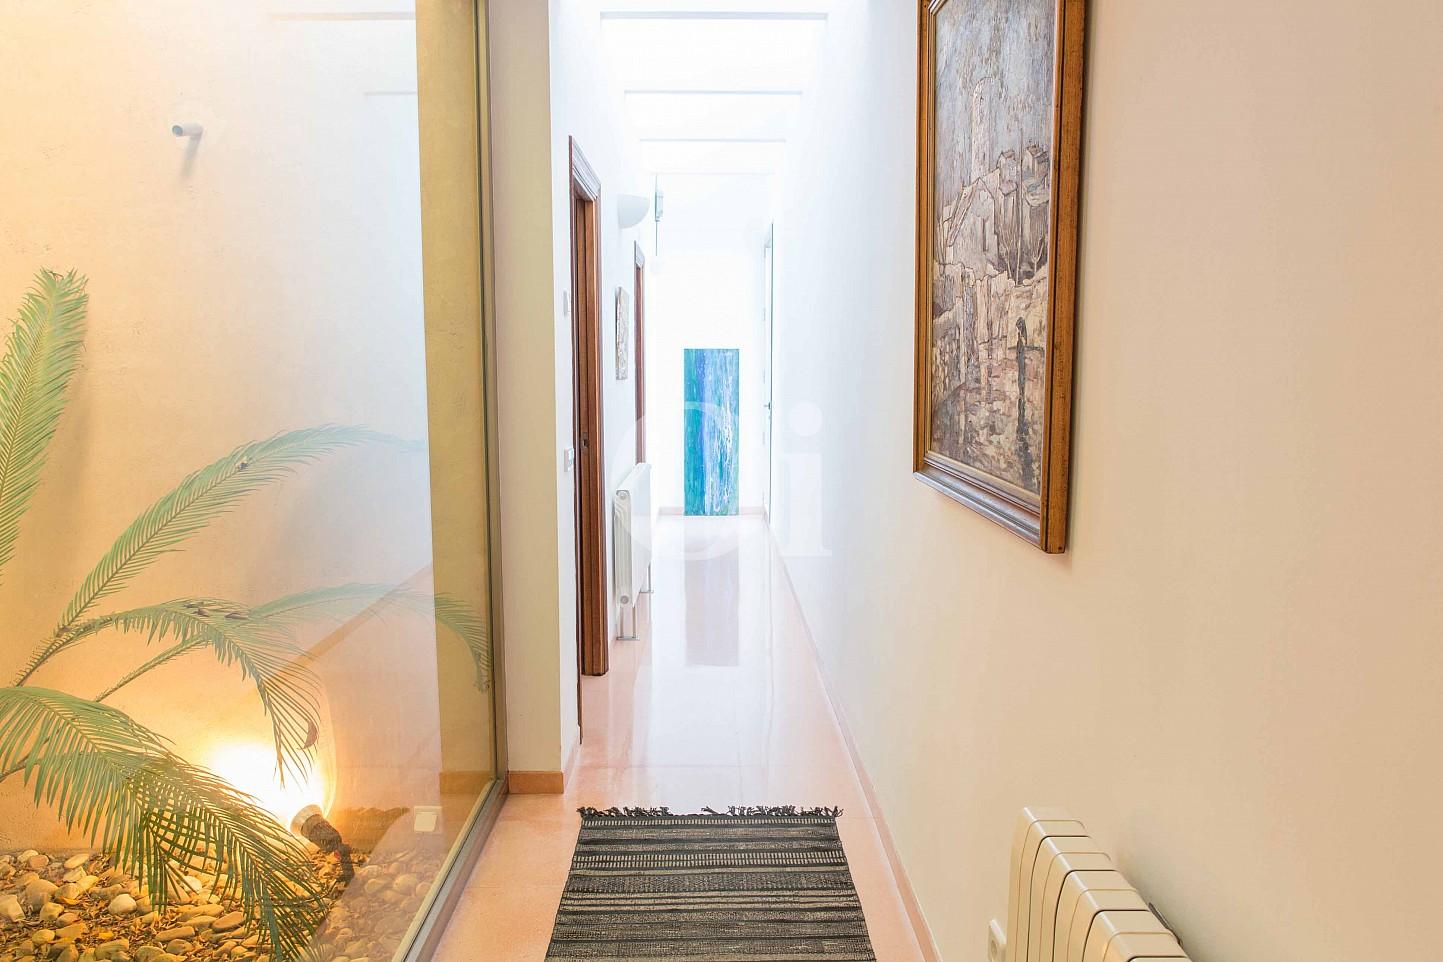 Pasillo de moderna villa en venta en Artá, Mallorca